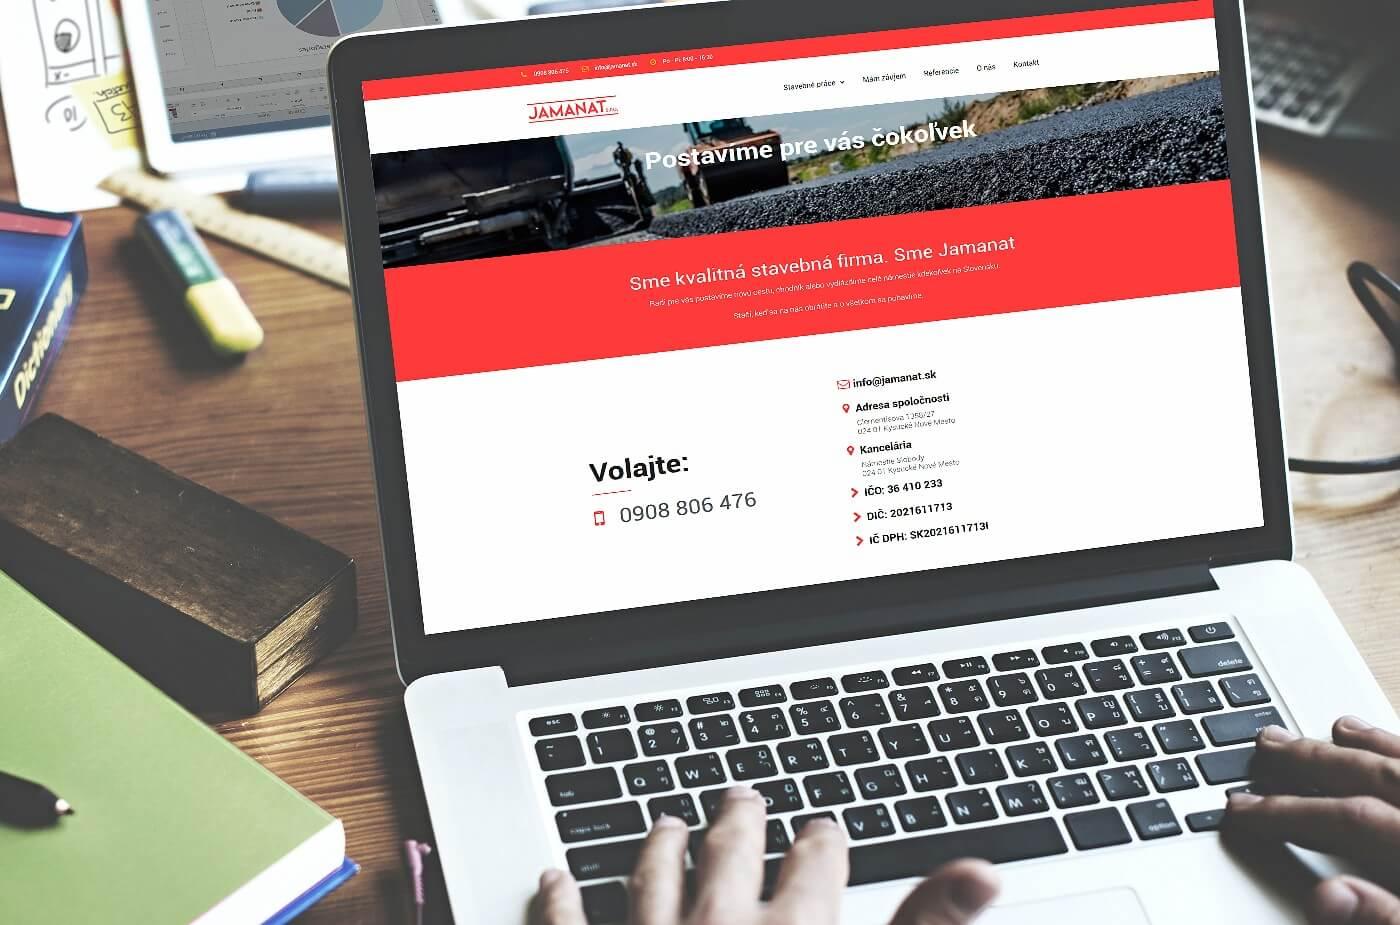 Vytvorenie web stránky jamanat.sk | Webovica.sk